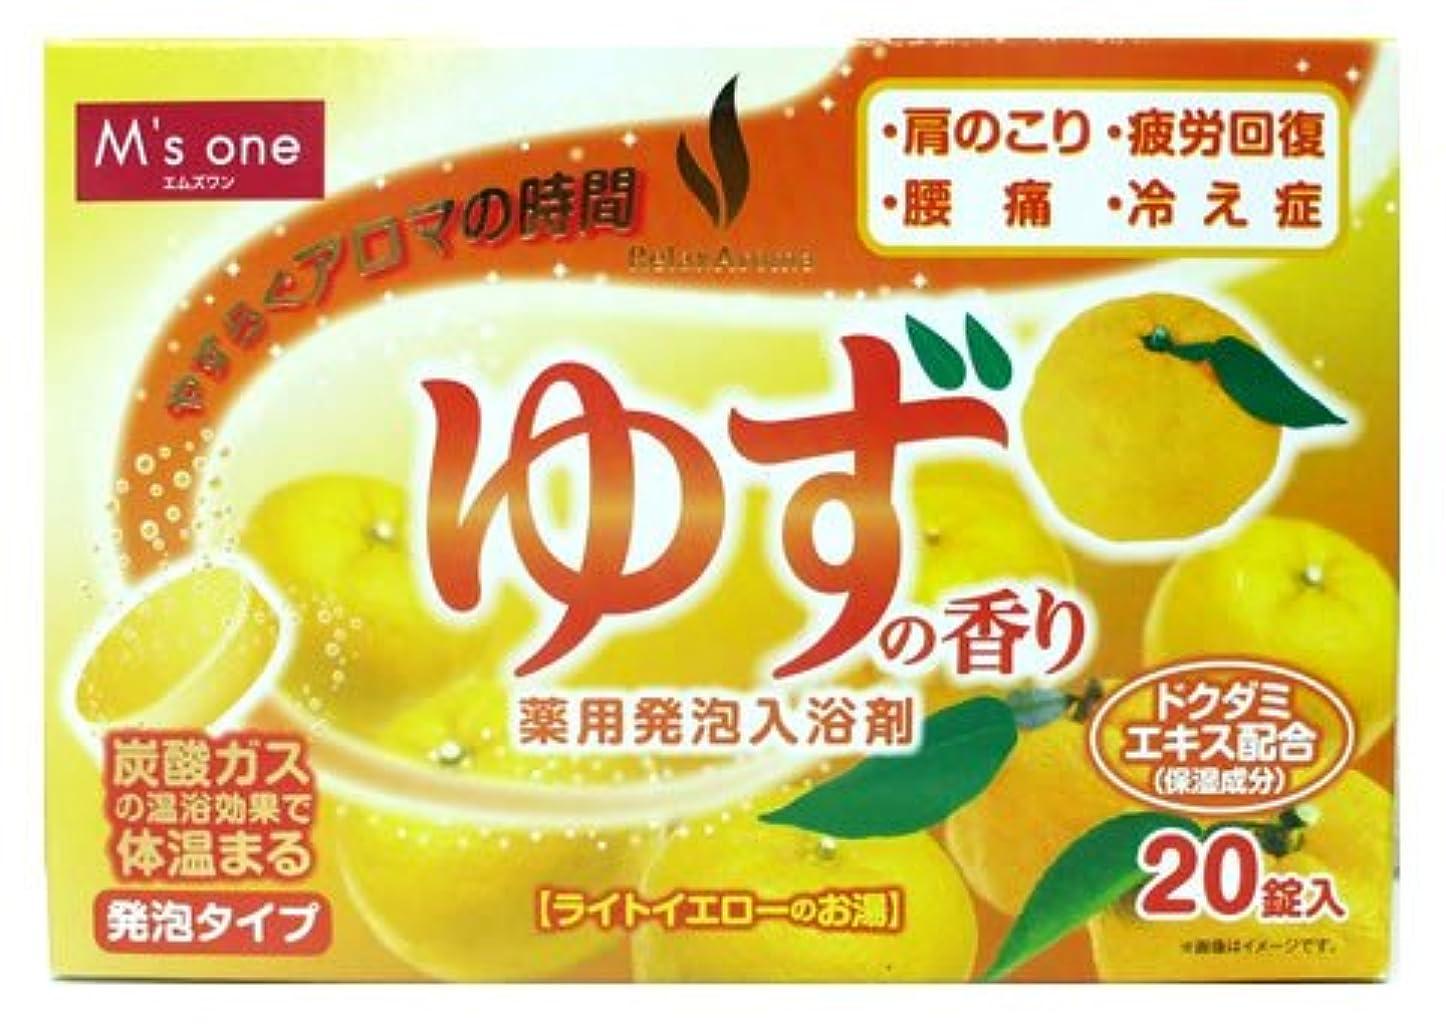 ごみテーブルスムーズにエムズワン 薬用入浴剤 柚子の香り 発泡入浴剤 (40g×20錠入) 【医薬部外品】